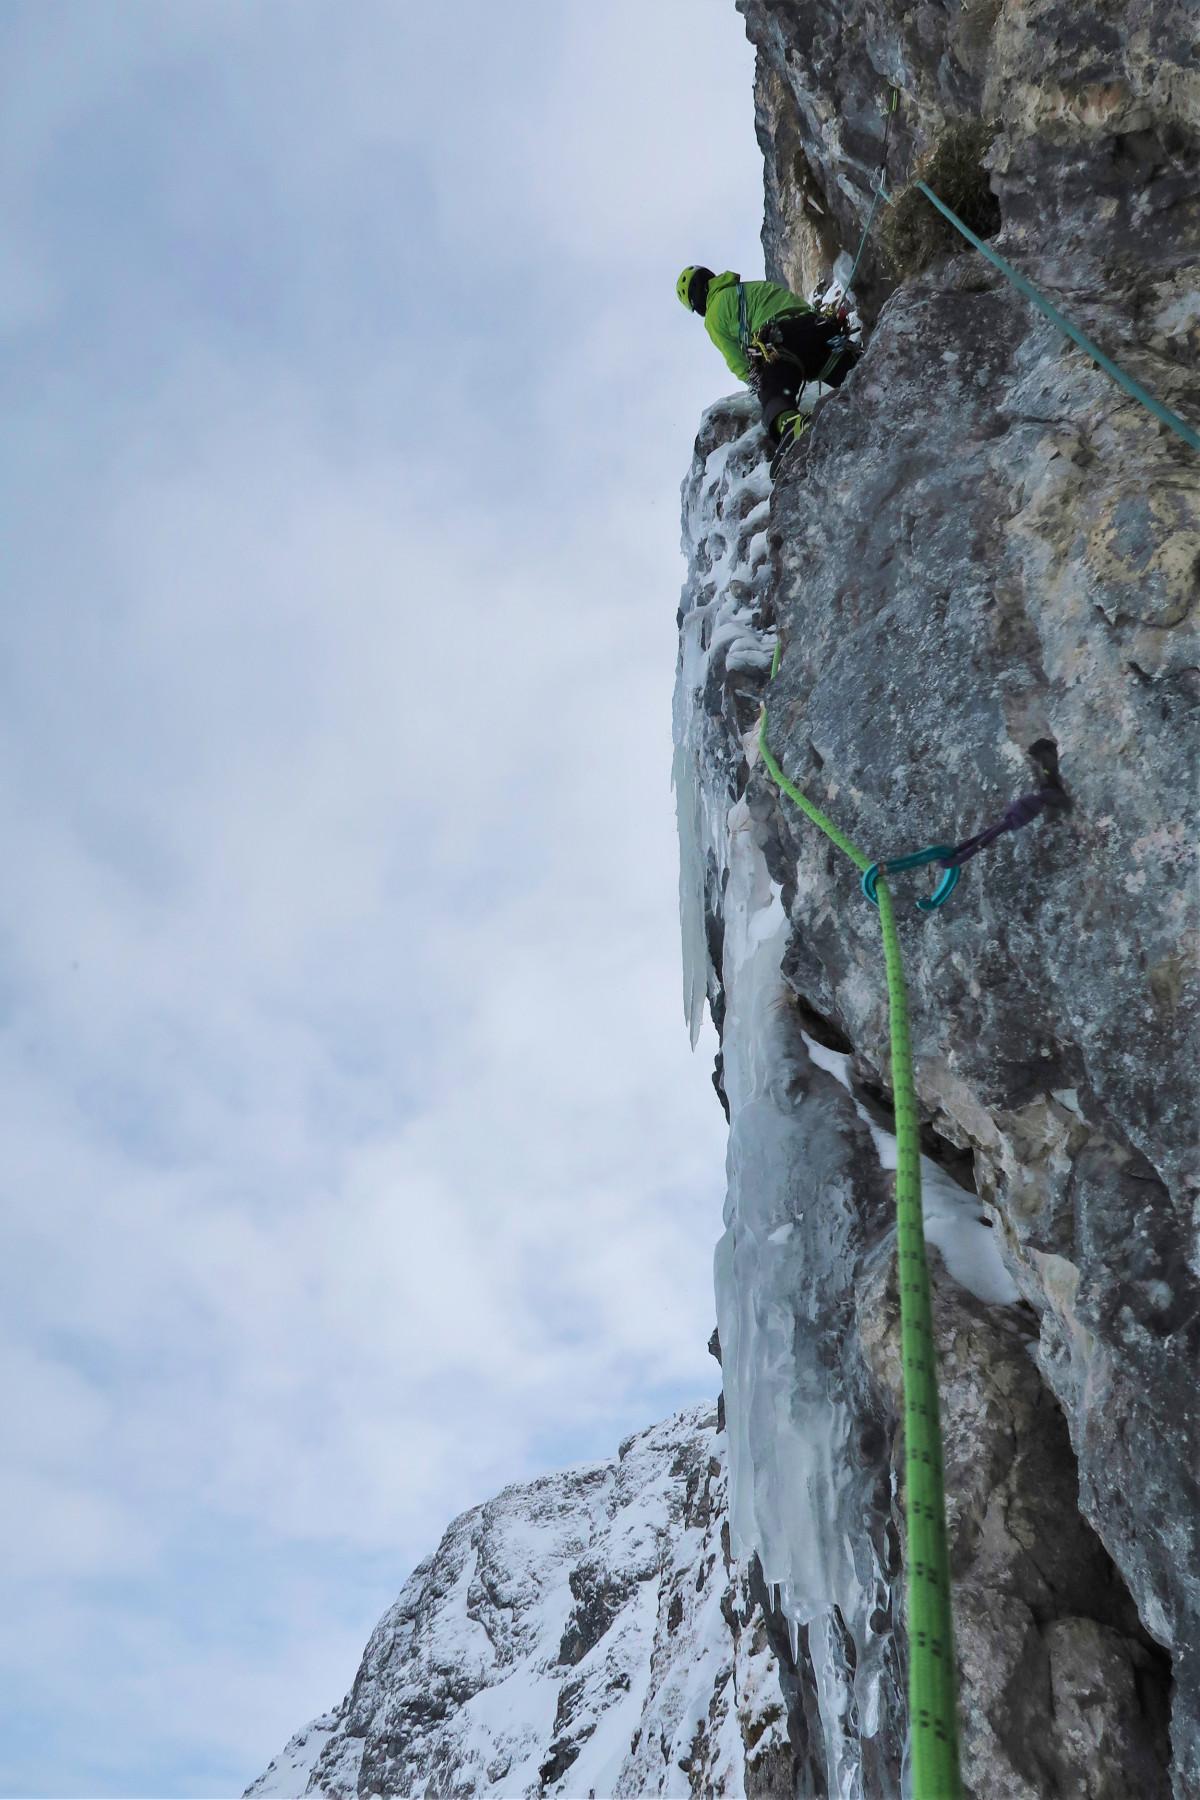 Veeleisende oppervlakken, wisselende weersomstandigheden, uitdagende routes – de ALPINE EXPERT GTX kan met alles overweg. Een schoen voor bergtochten die graag in actie komt. De hoge schacht en de carbon binnenzool met geïntegreerde demping zorgen voor optimaal comfort. En voor natte en ijzige gebieden is er de betrouwbare waterdichte GORE-TEX-voering met PrimaLoft® 400-isolatie.